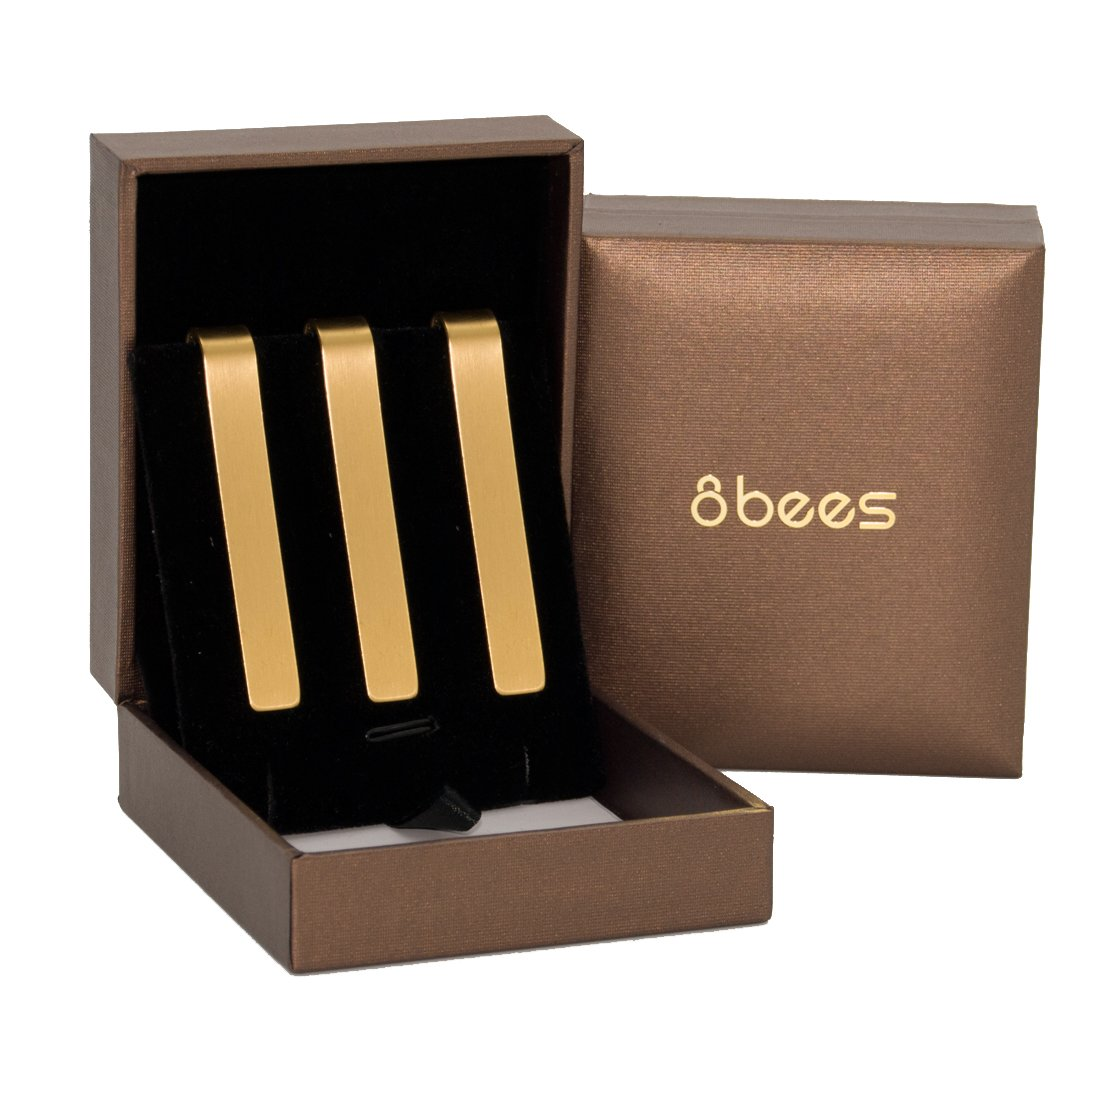 8Bees Lot de 3 pinces à cravate métalliques 5, 3 cm pour homme Baymore 34308